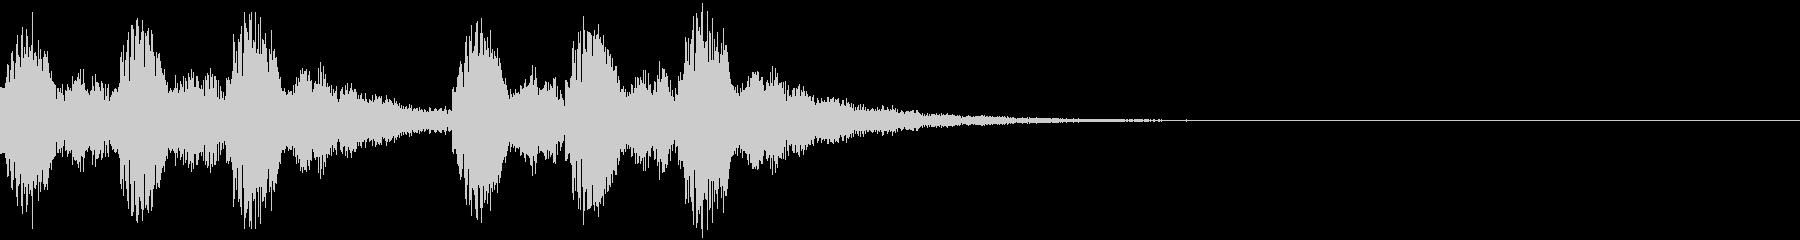 綺麗で印象的な着信・通知音5の未再生の波形